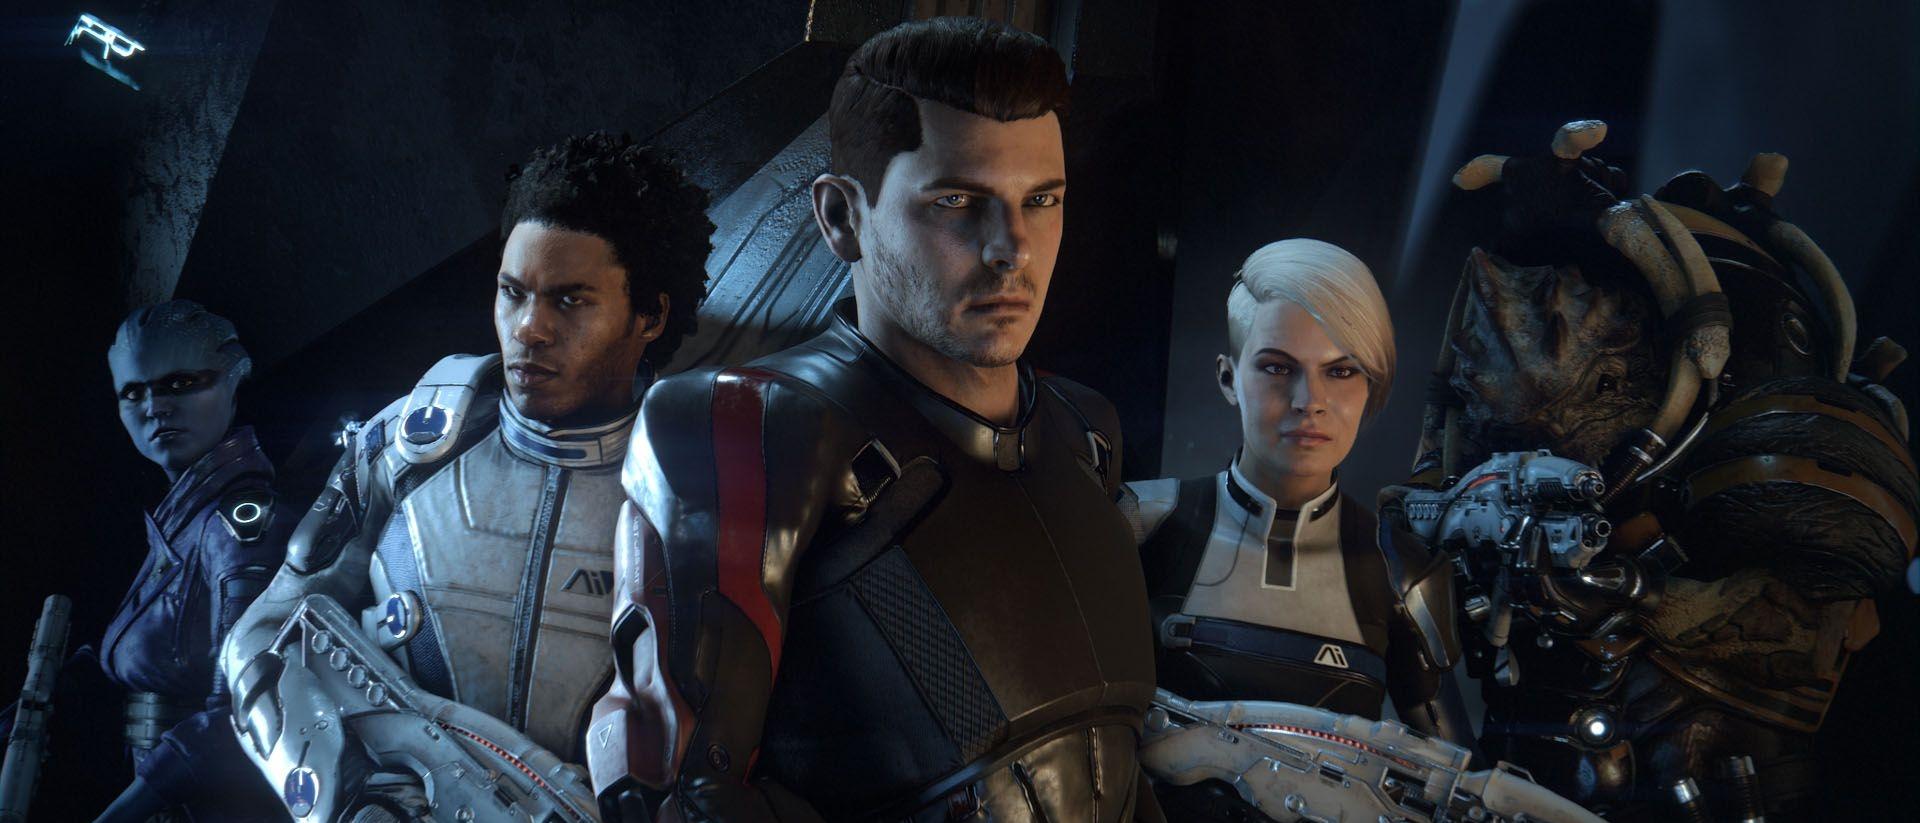 BioWare condena abusos online após críticas sobre Mass Effect: Andromeda